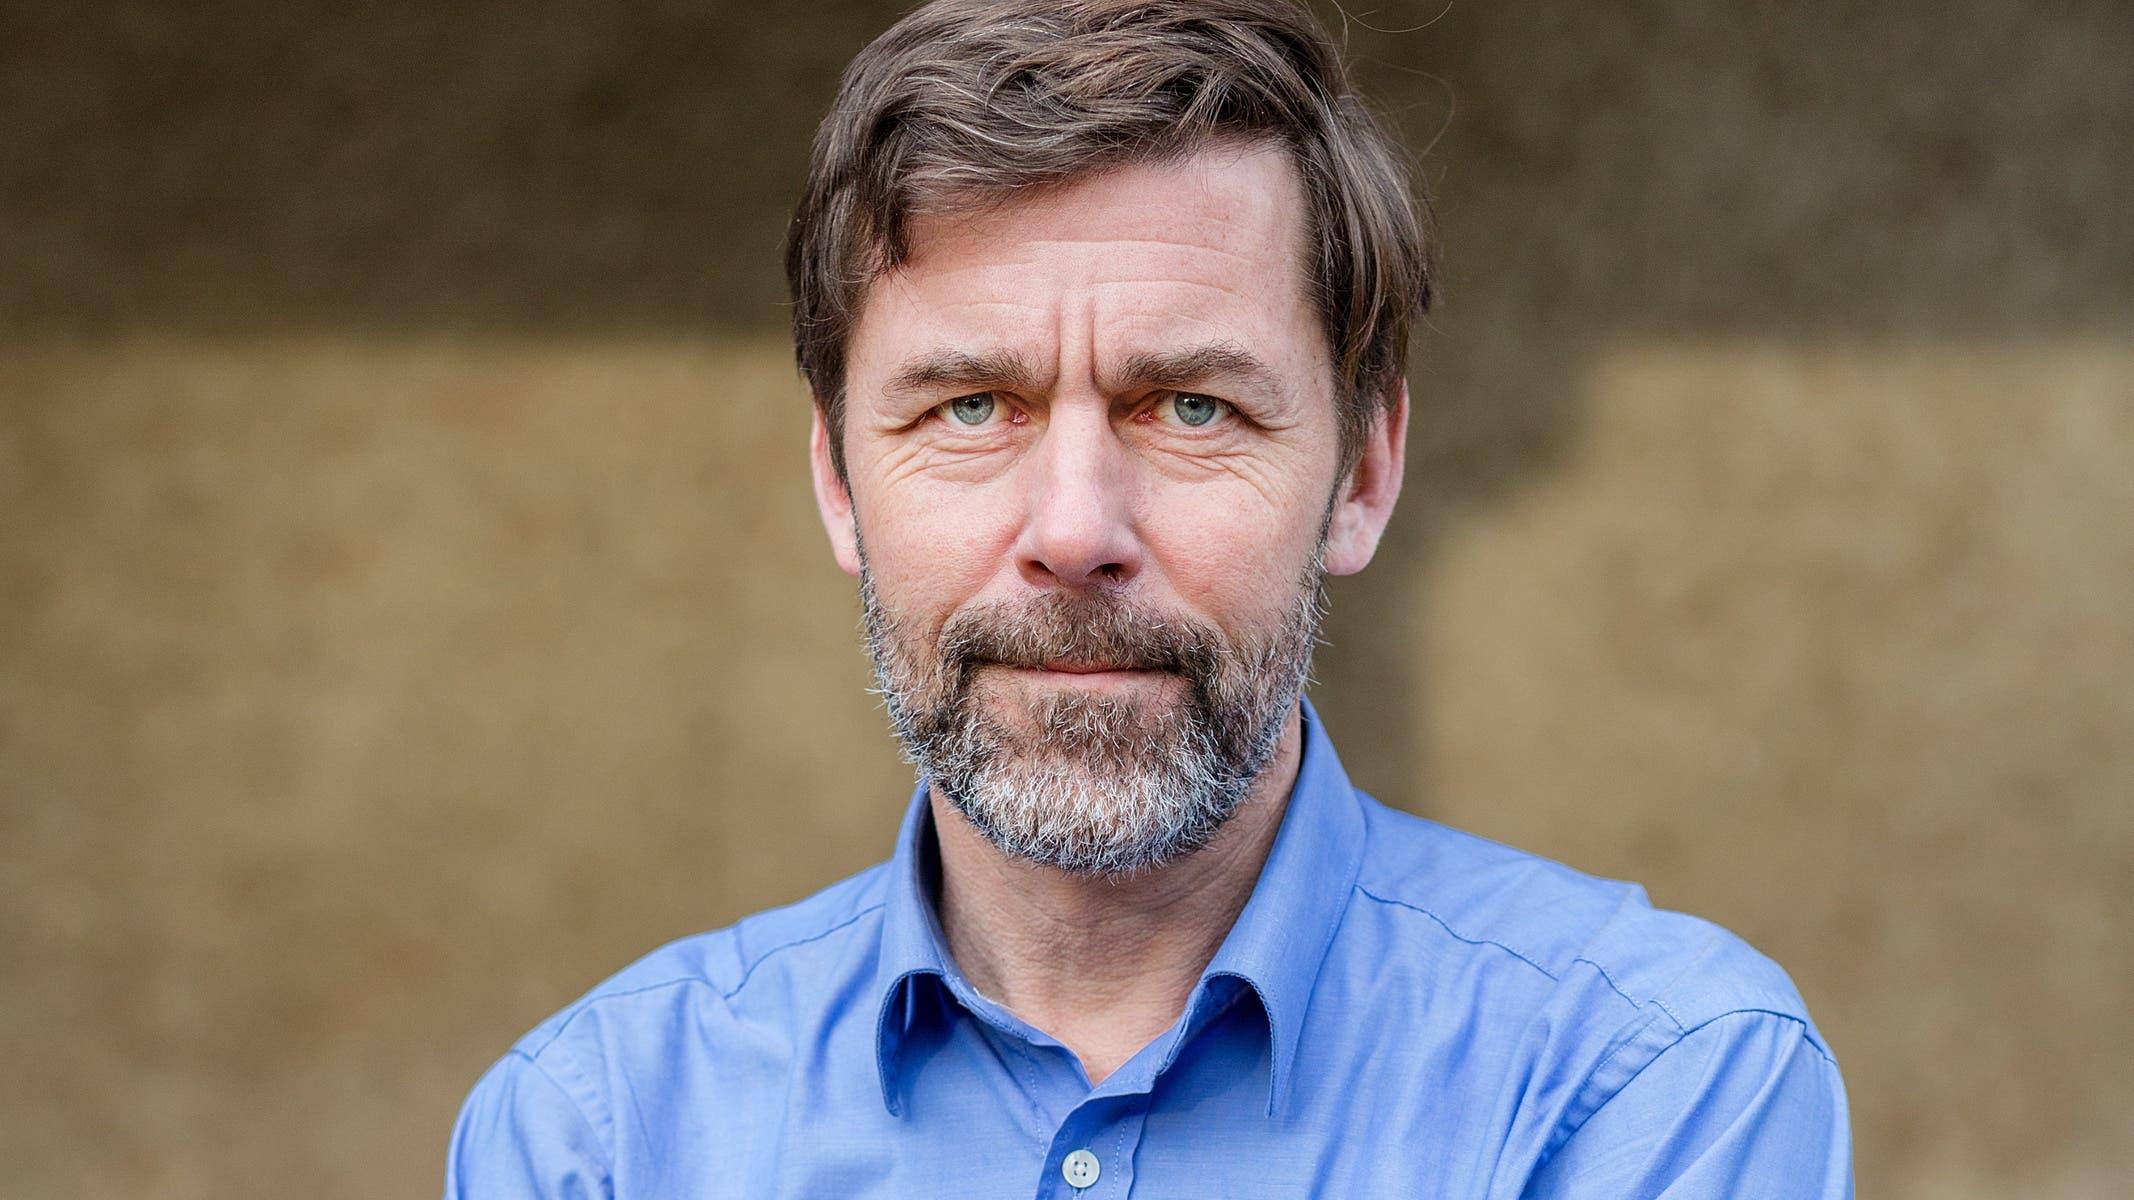 Peter Stamm: Mit Peter Stamm ist auf der Liste der Grünen ein bekannter Schweizer Schriftsteller zu finden. Allerdings ganz am Ende der Liste, sodass seine Wahlchancen nahe bei null sind. (Bild: AZ)